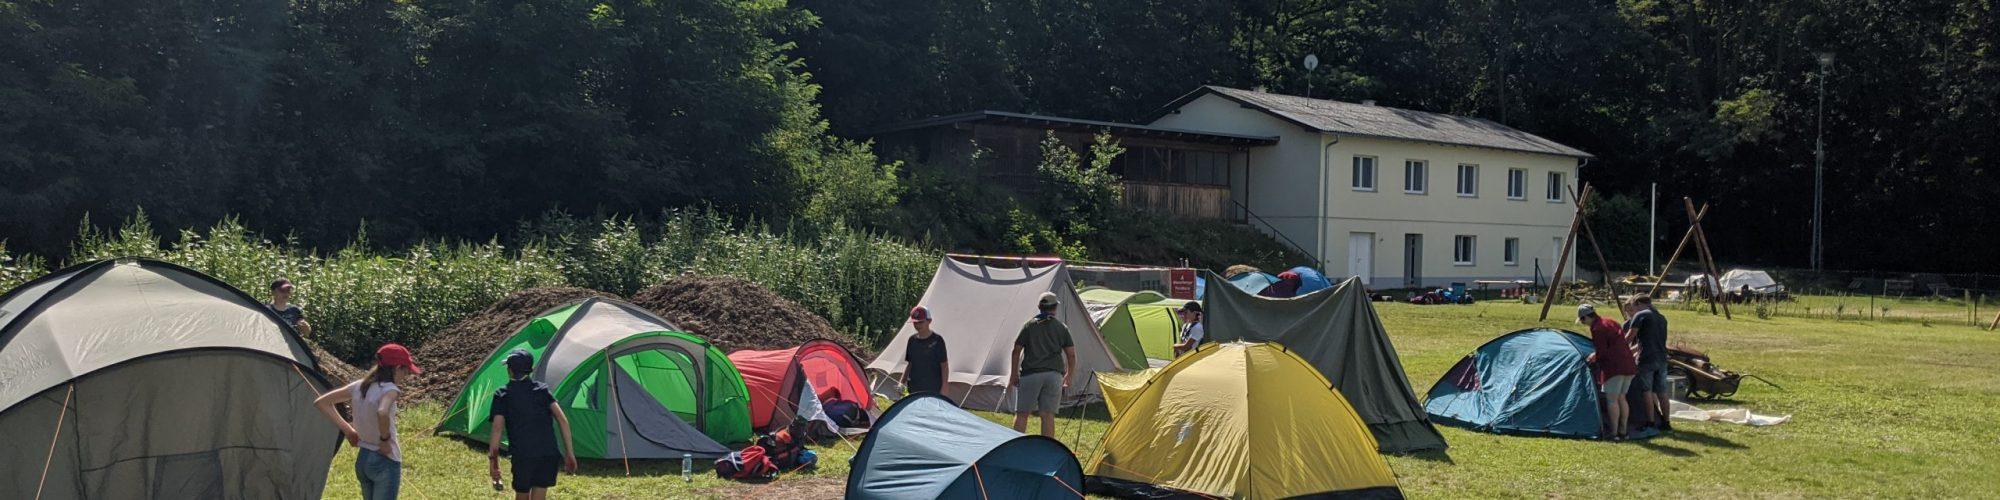 Hollabrunner-Heim-mit Zelten